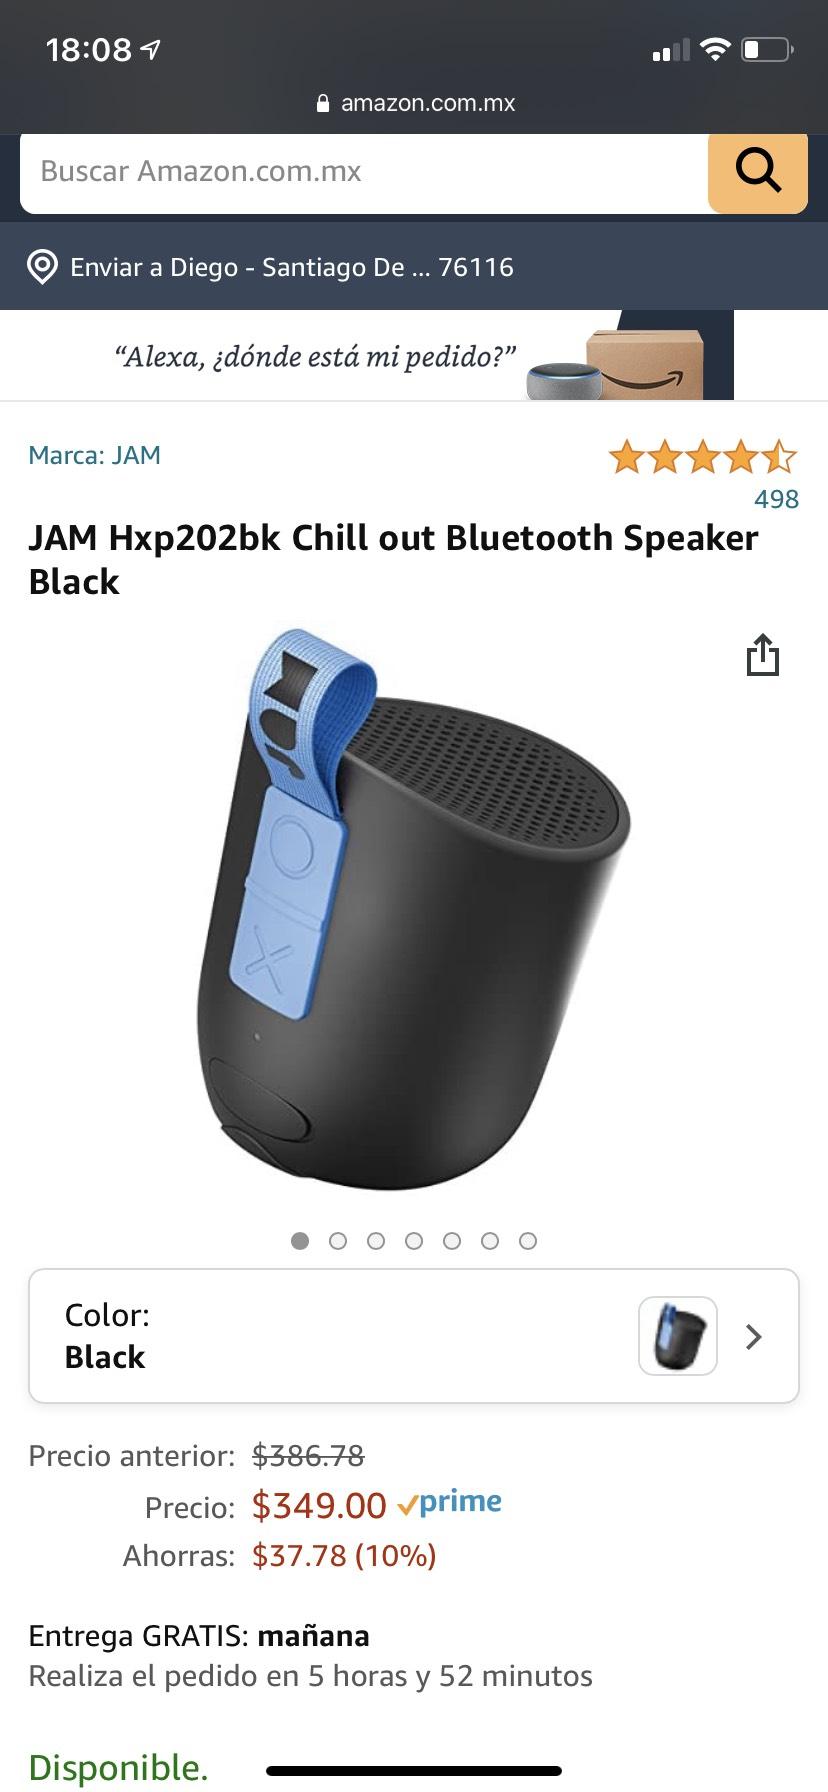 Bocina JAM Hxp202bk Chill out | Amazon